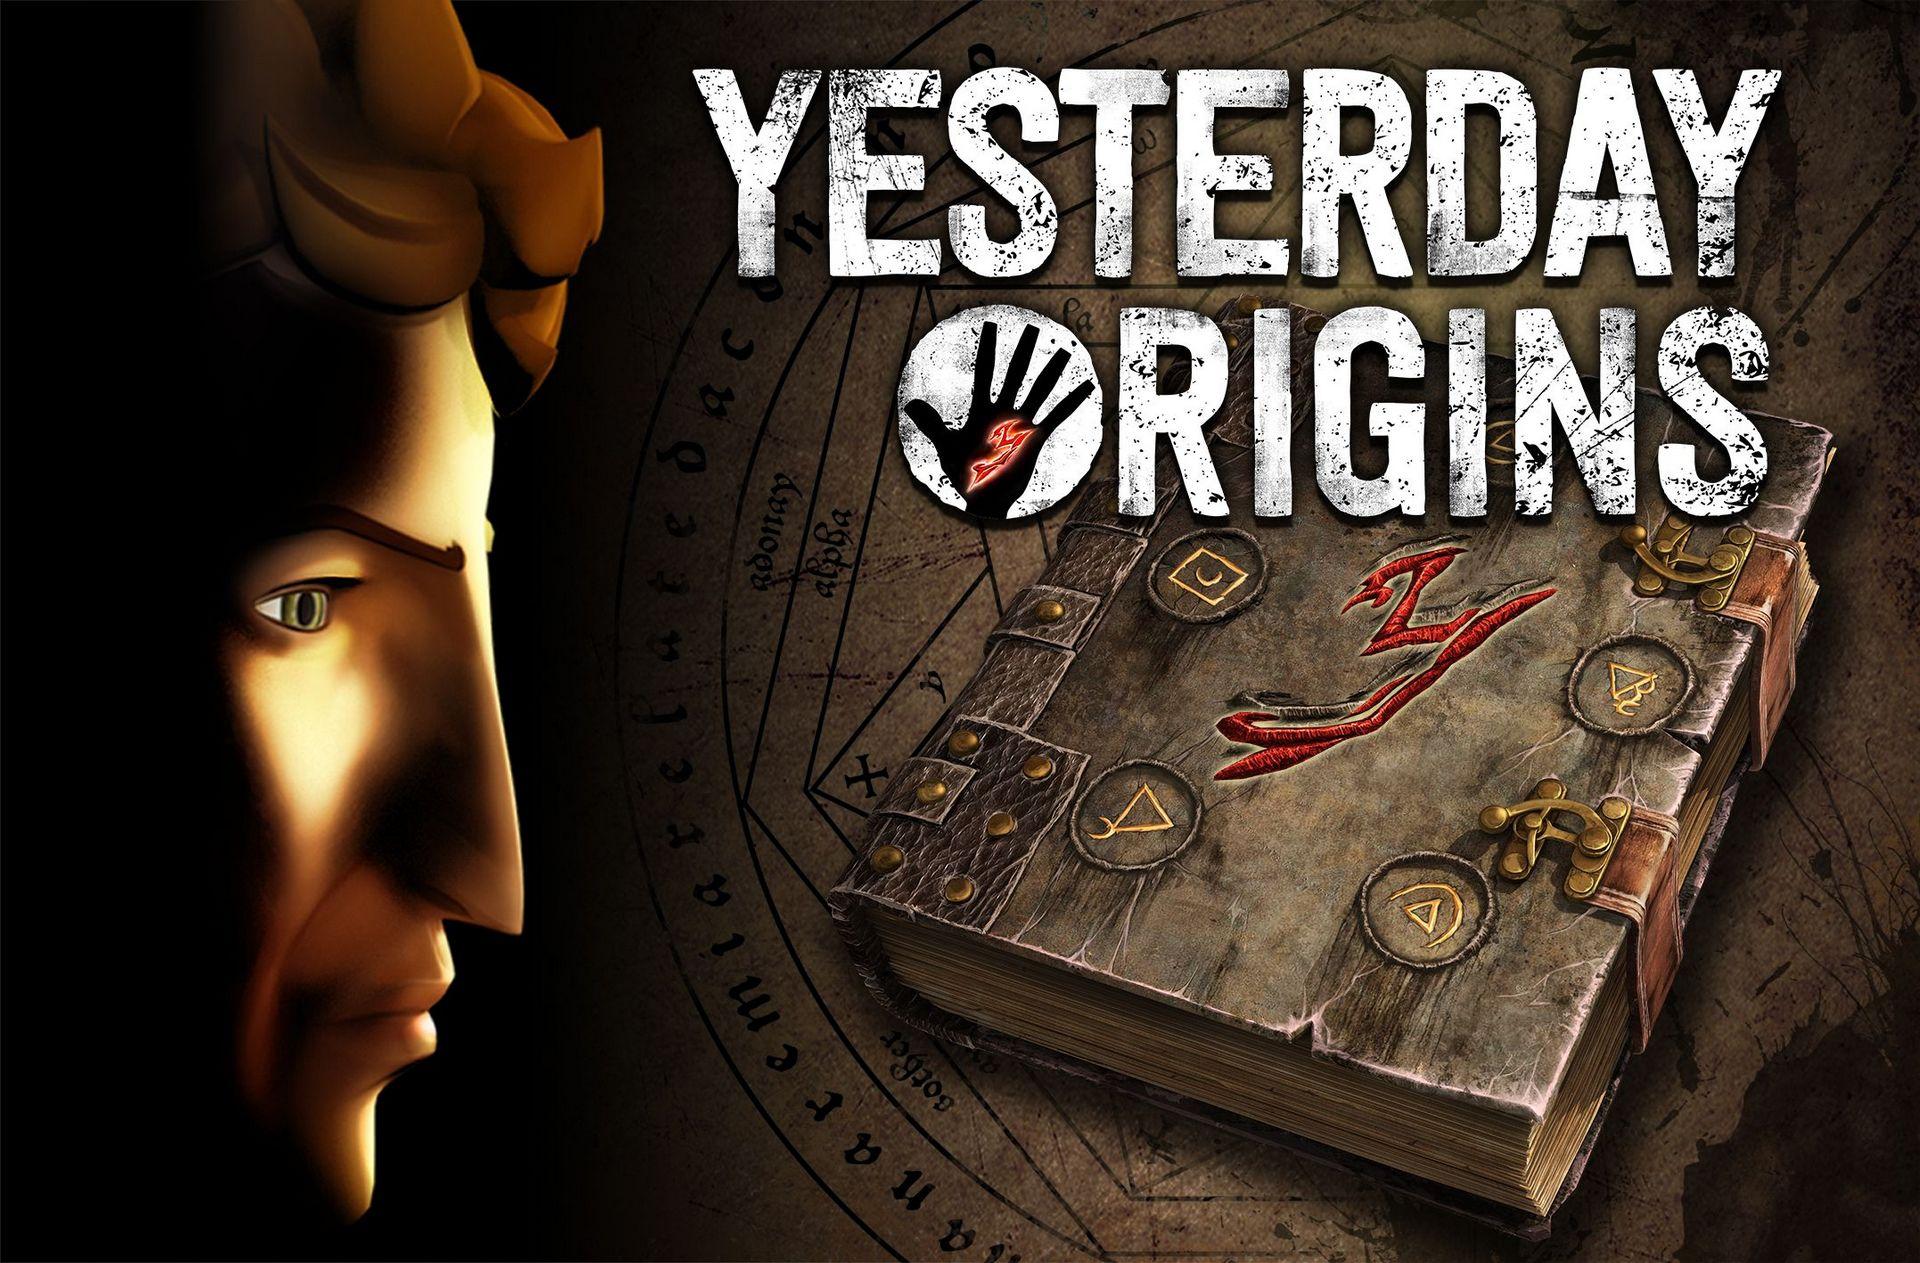 Релизный трейлер Yesterday: Origins в честь премьеры игры!. - Изображение 1